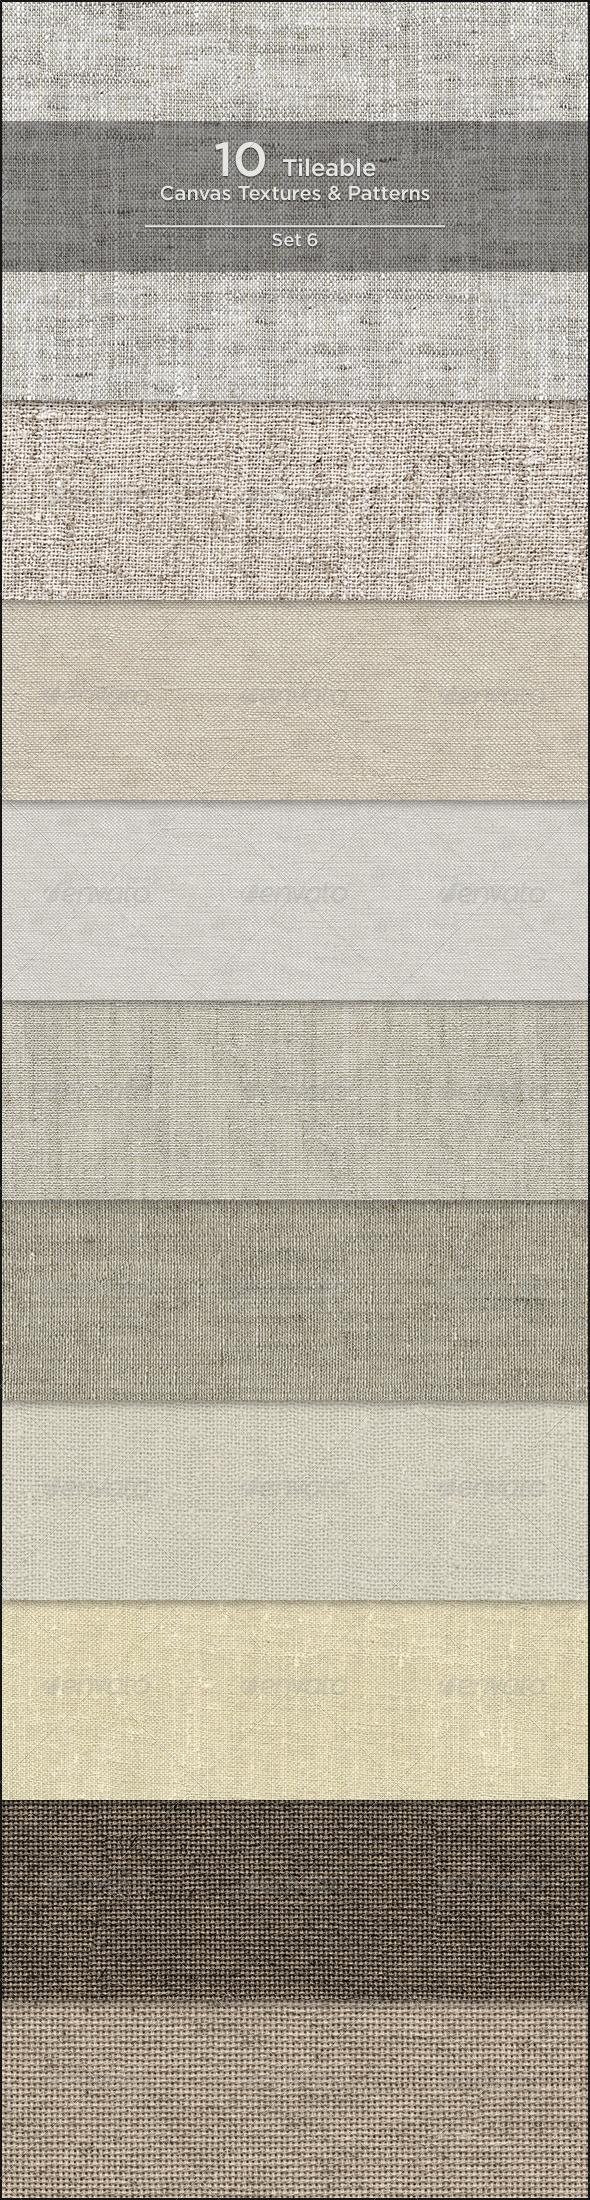 GraphicRiver 10 Tileable Canvas Textures Patterns 4149206